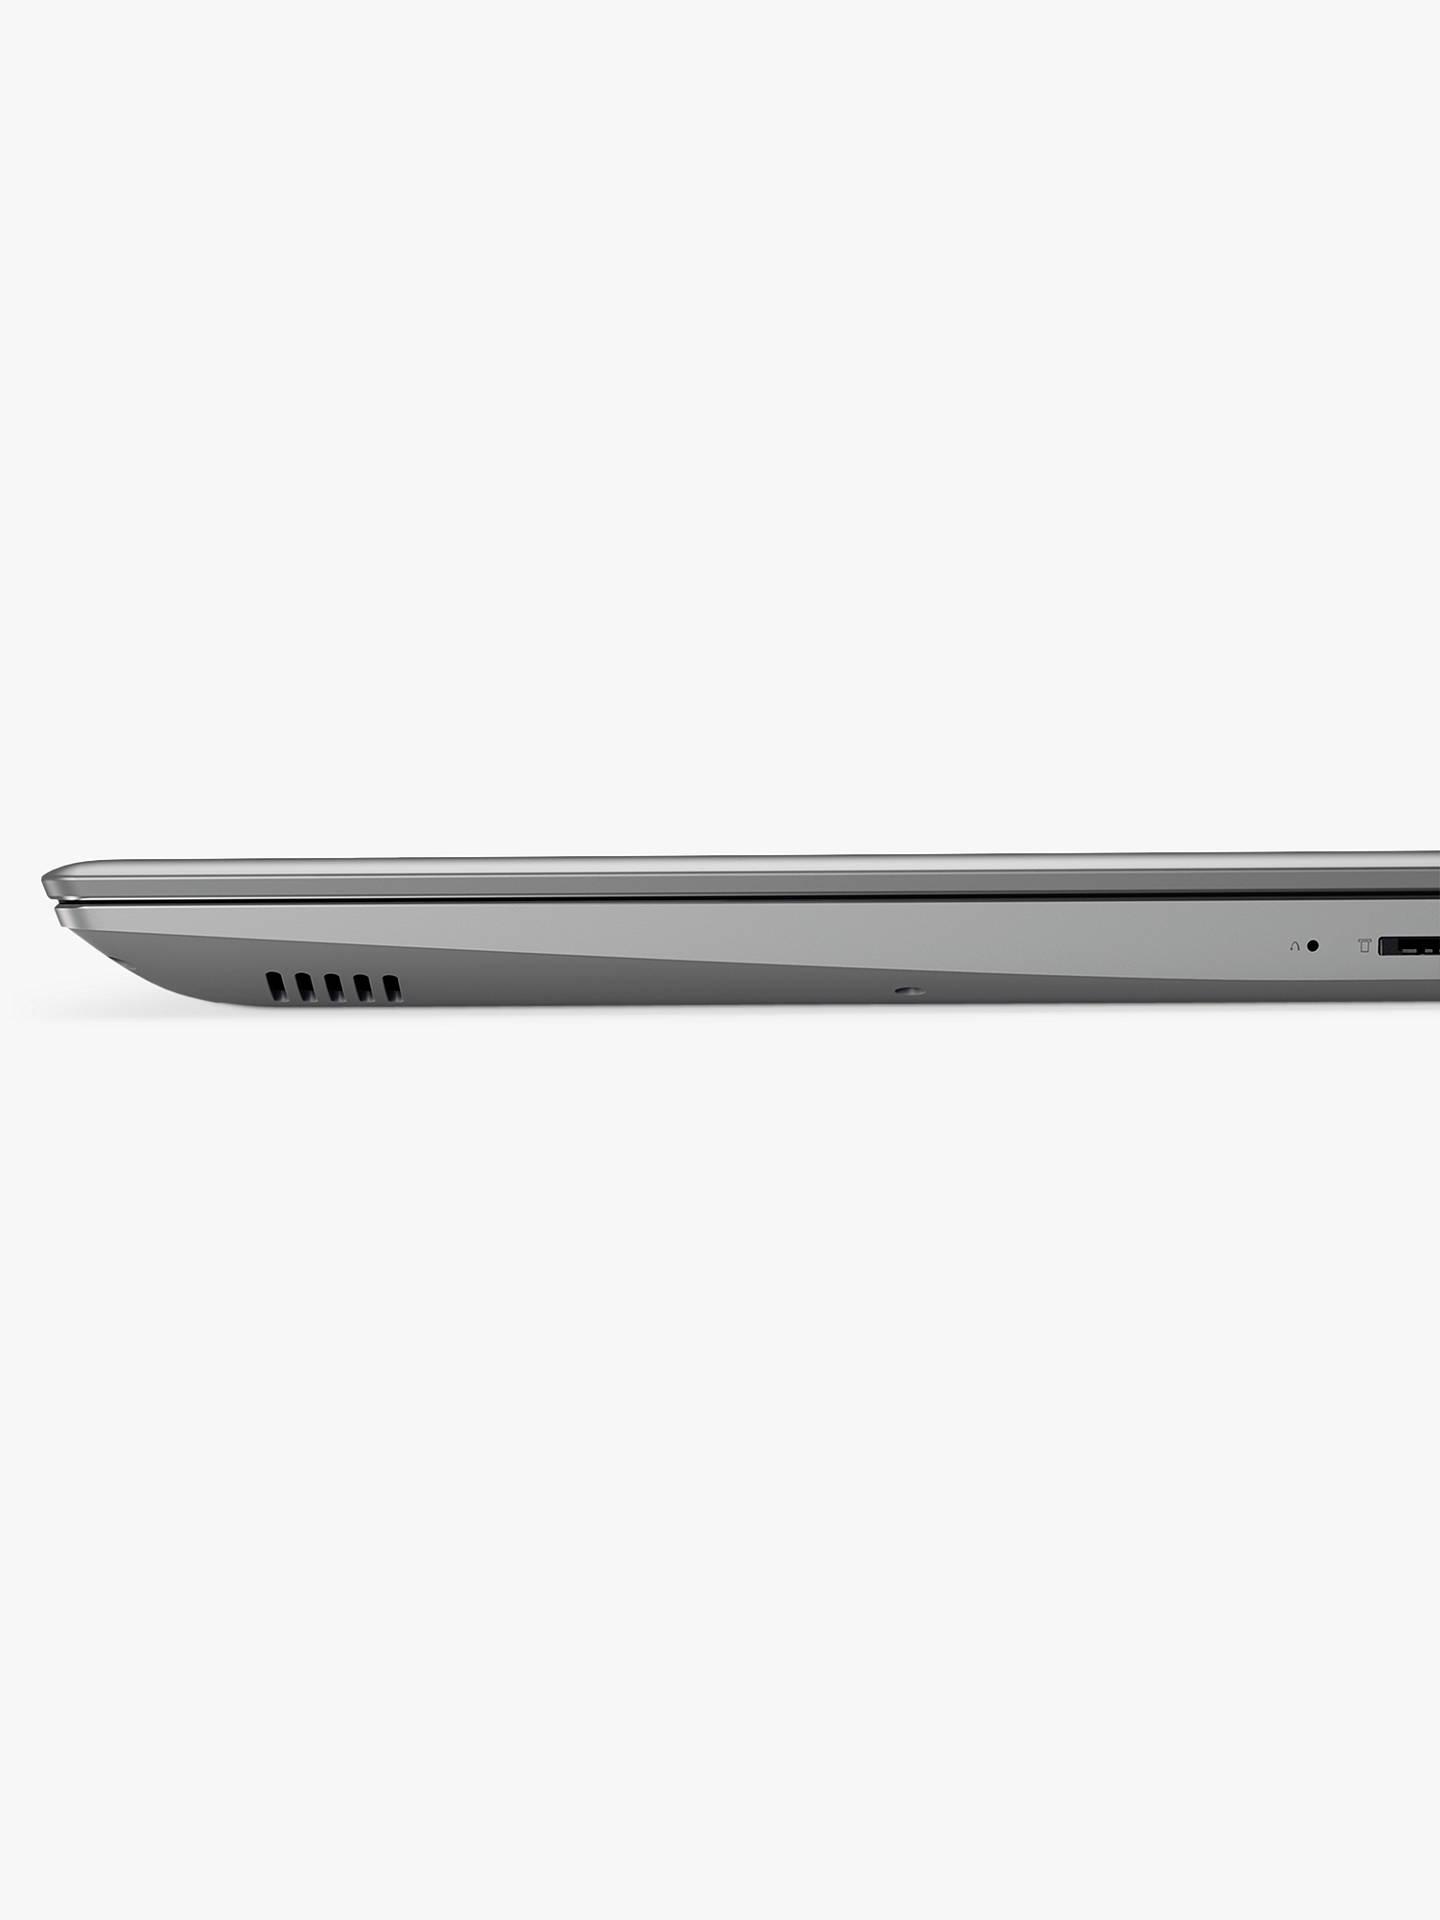 """Lenovo IdeaPad 720 Laptop, Intel Core i7, 8GB, 256GB SSD, AMD RX560, 15 6""""  Full HD, Mineral Grey"""